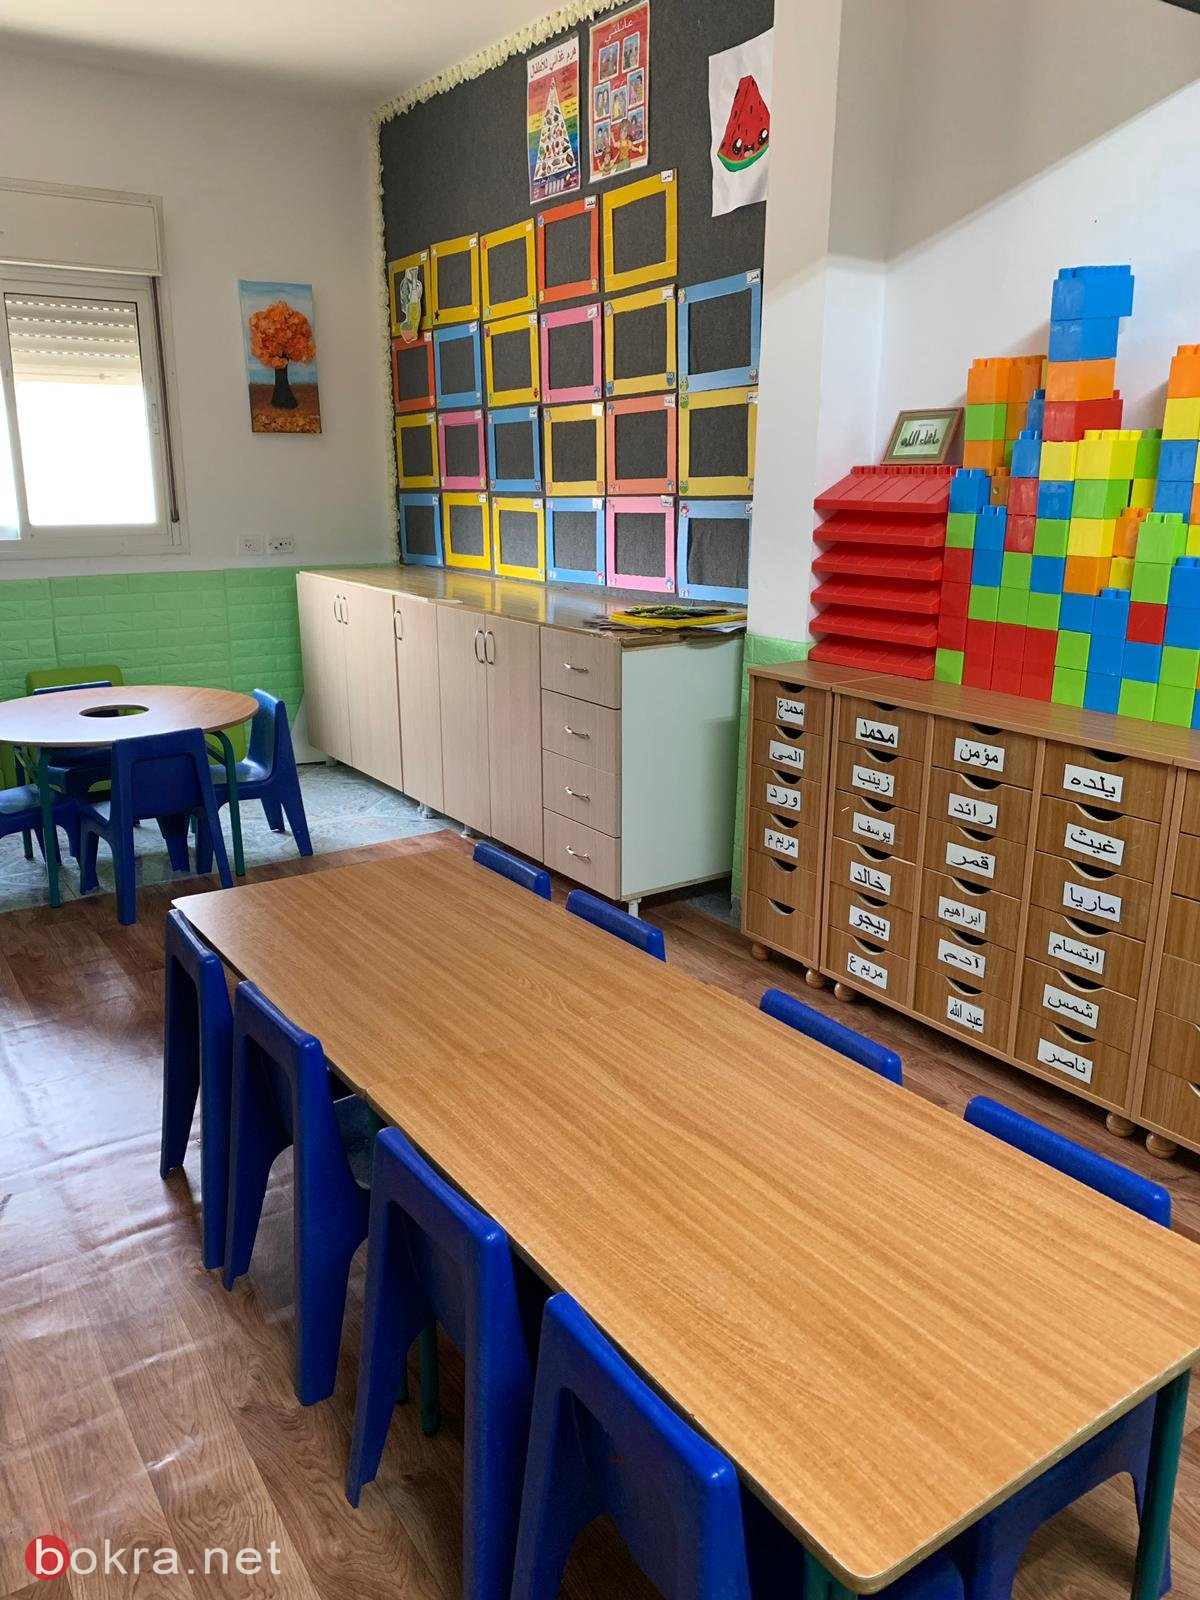 حضانات الأطفال، بيت دافئ للطفل، ومرحلة هامة لتطوره .. شرط الحفاظ على المهنية والانسانية